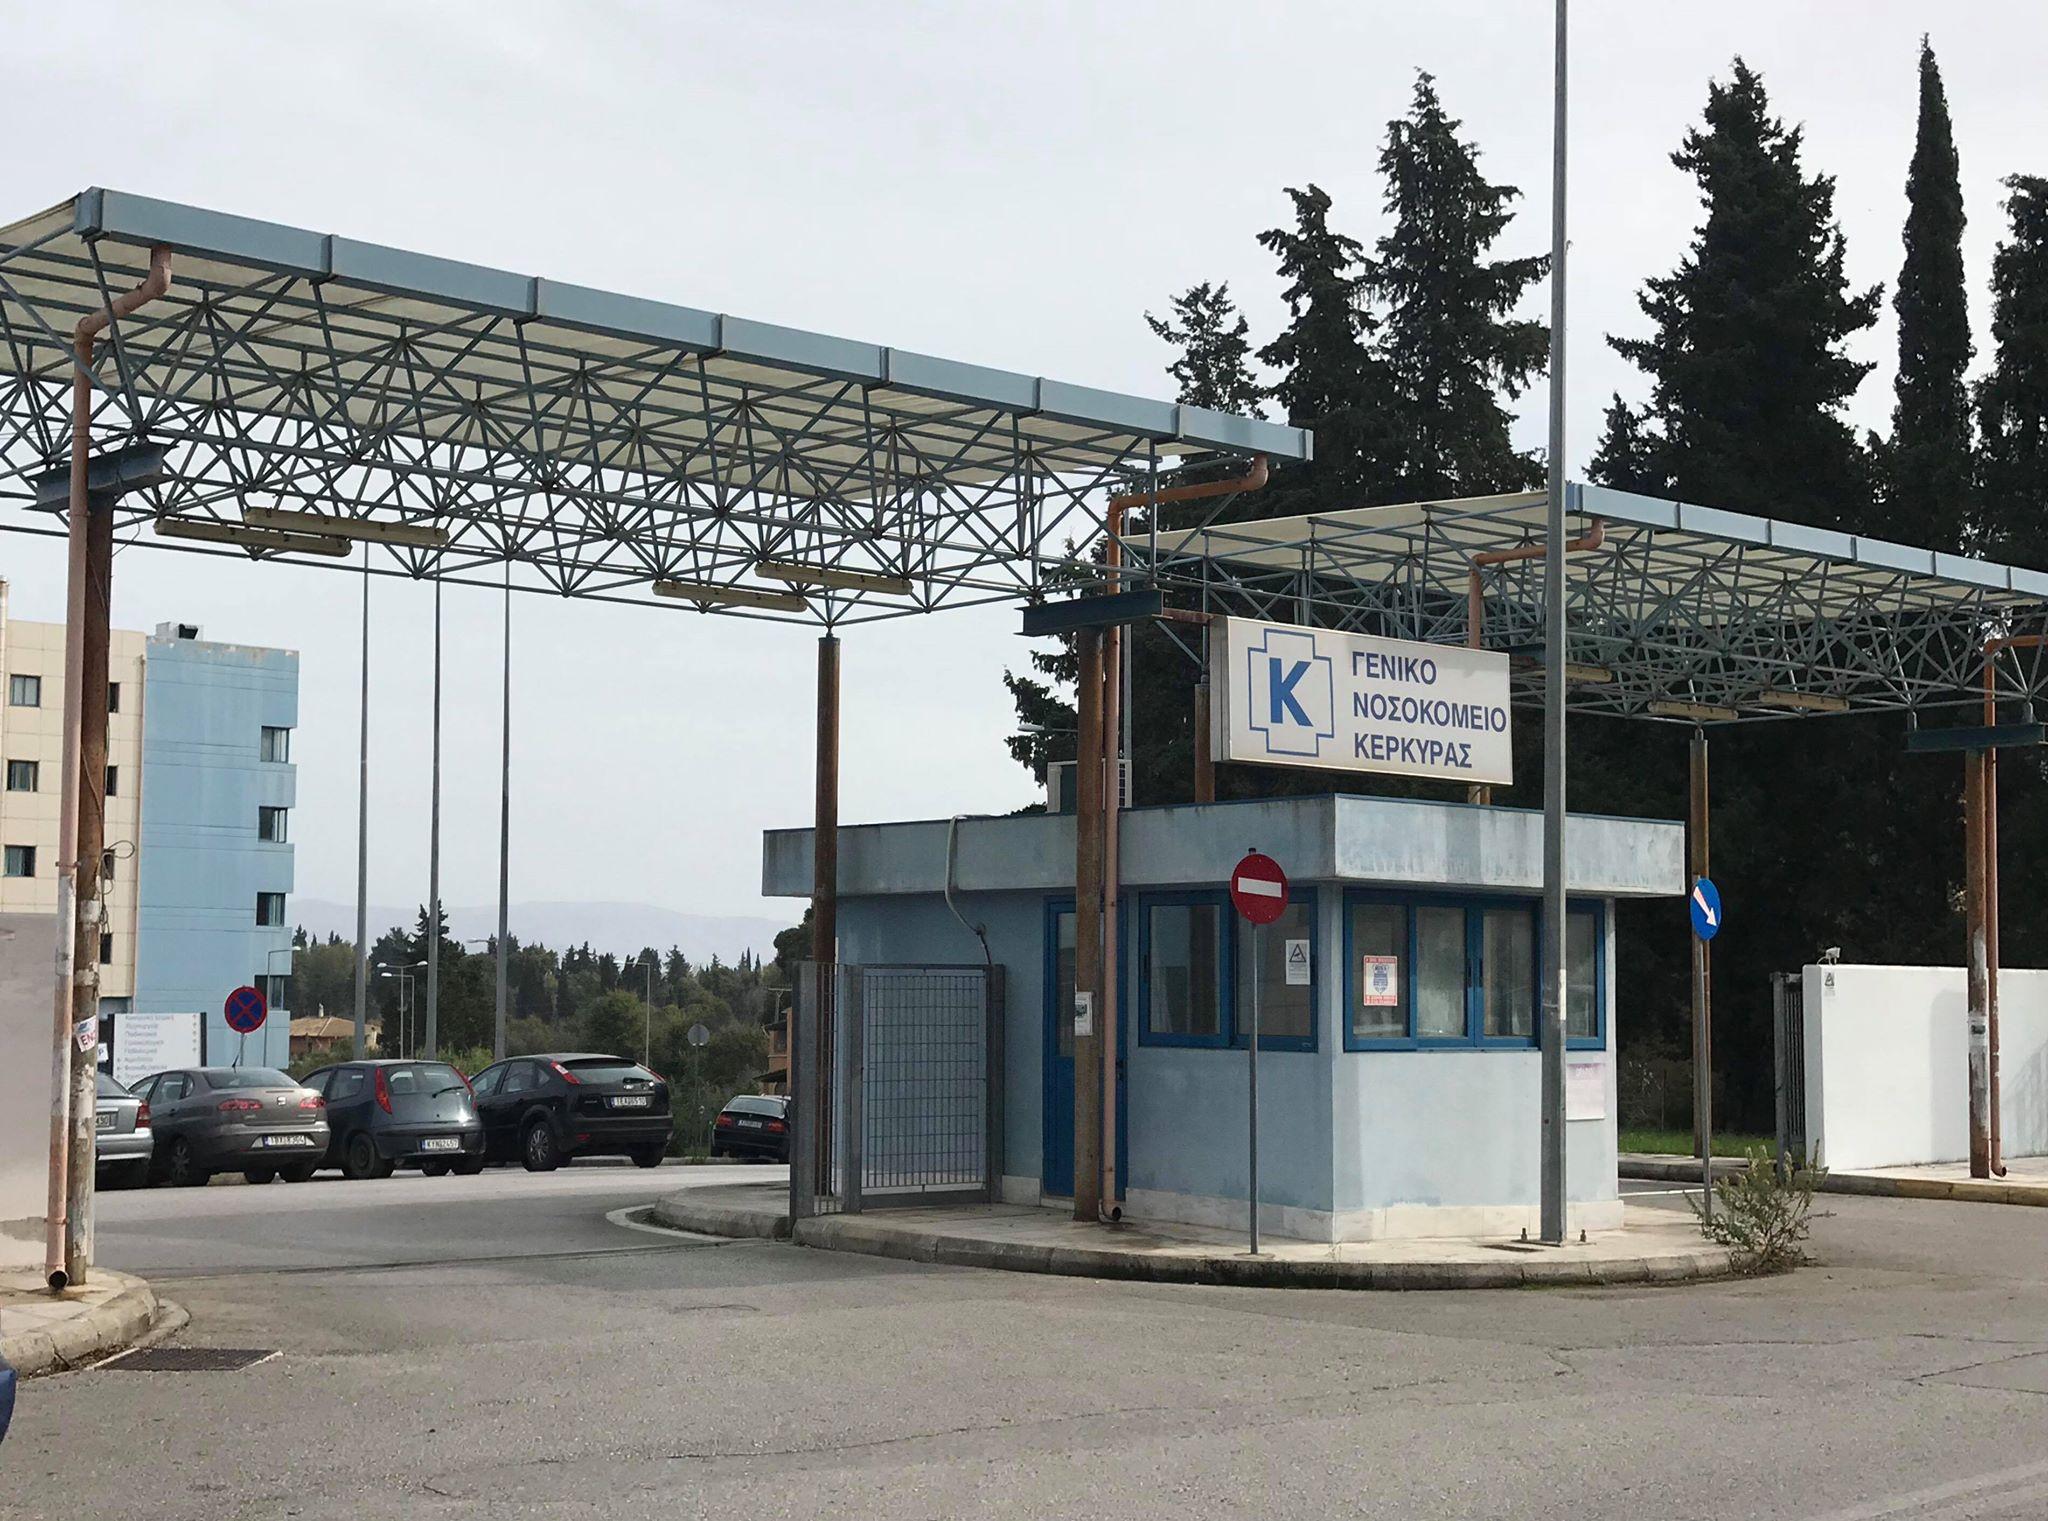 Κέρκυρα: Οδηγίες στους πολίτες που προσέρχονται στο Νοσοκομείο.